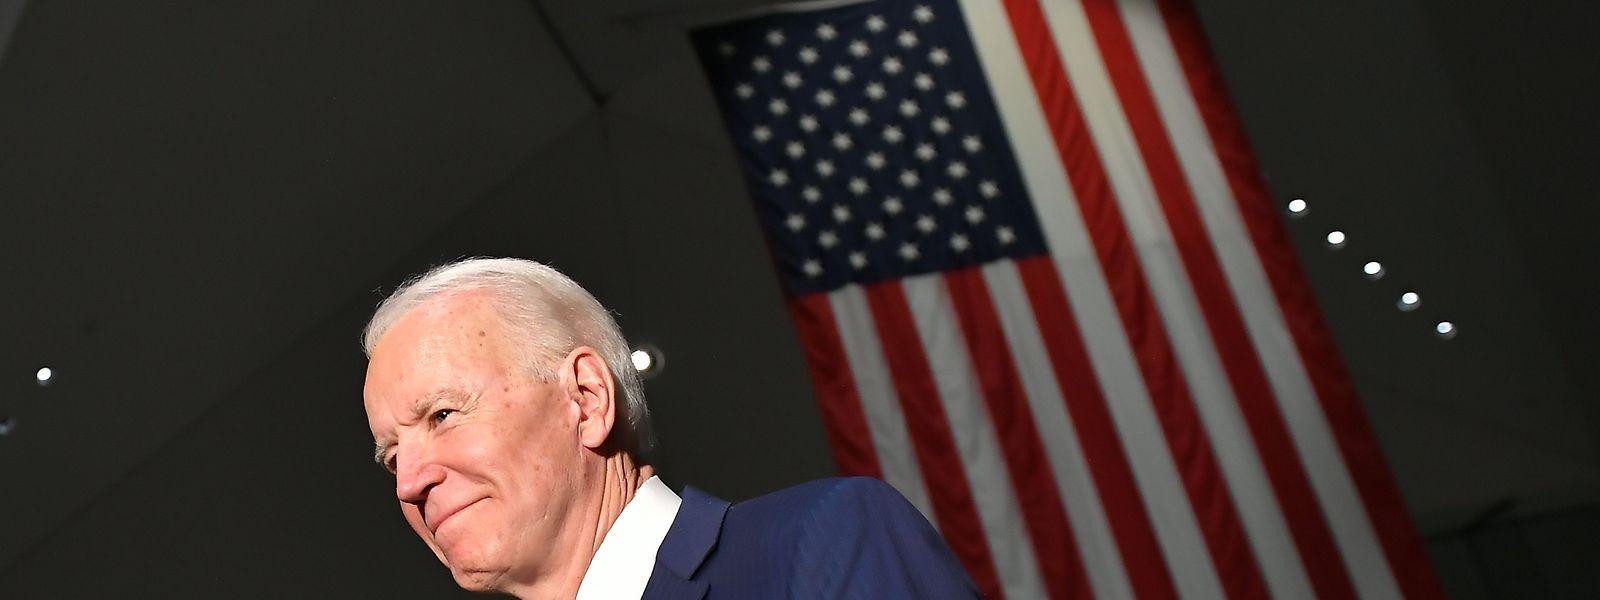 Vor wenigen Wochen noch abgeschrieben, feierte Joe Biden ein fulminantes Comeback.